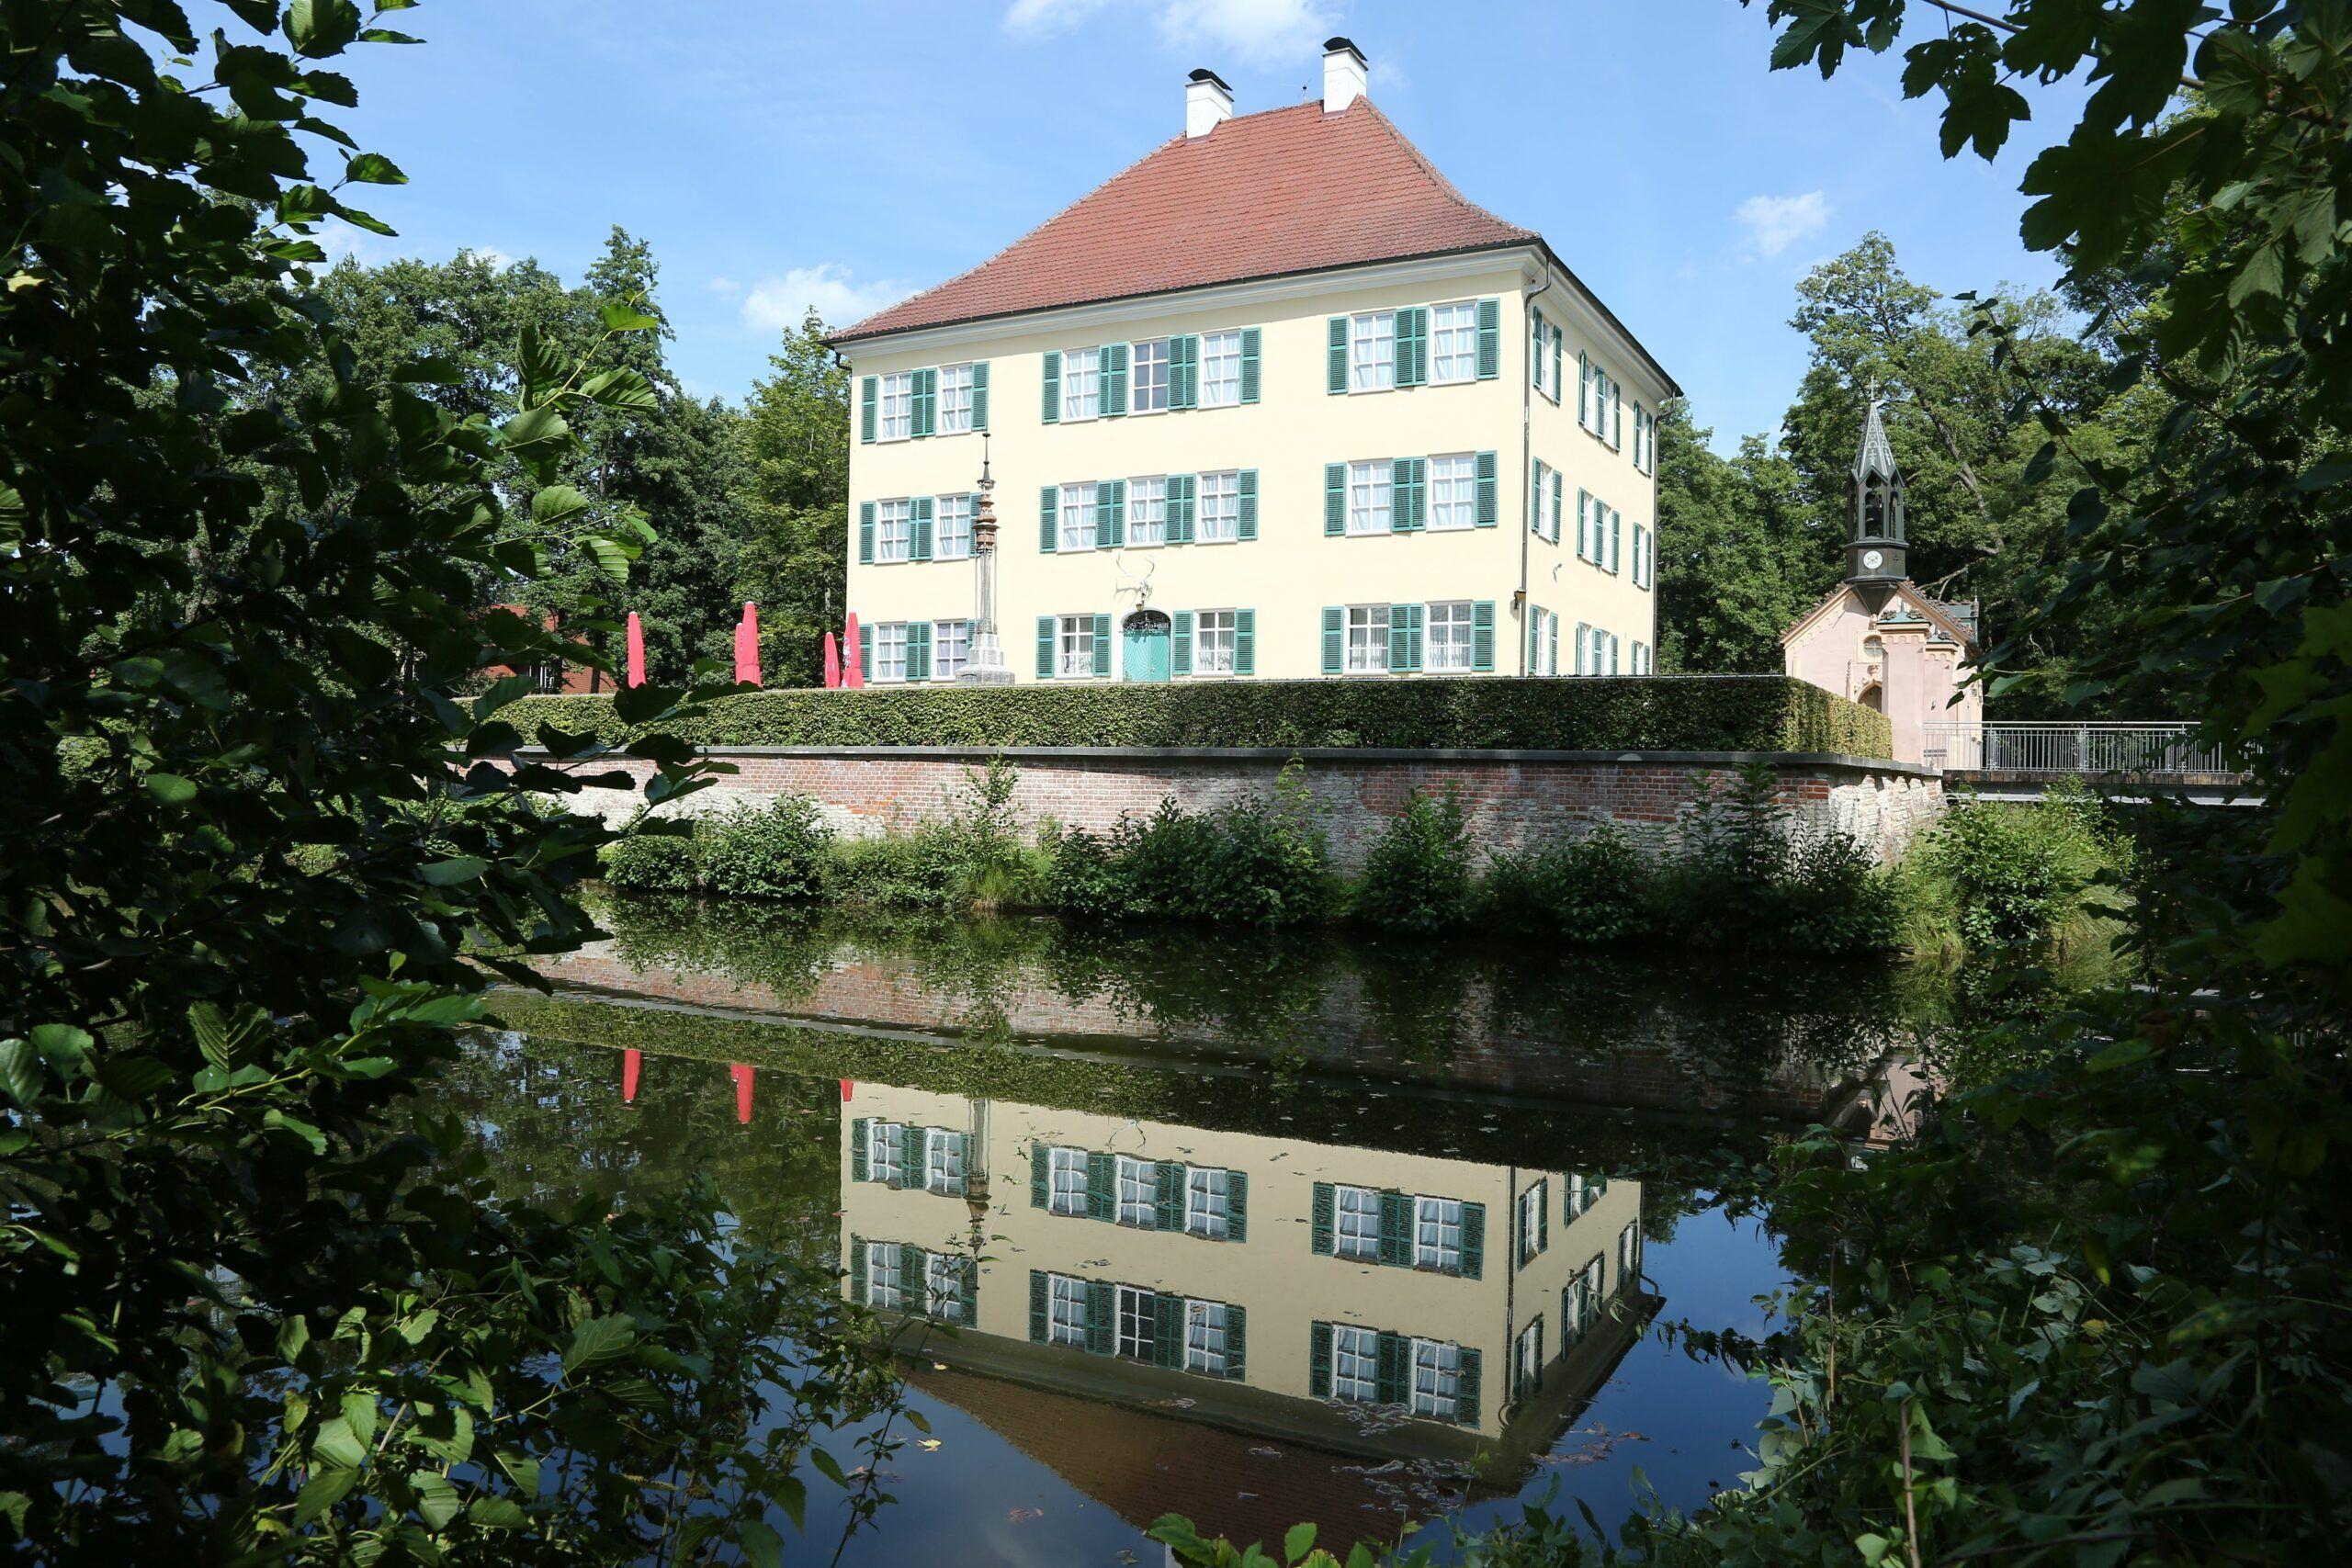 Sisi Schloss Im Sommer Klein C Erich Echter Scaled